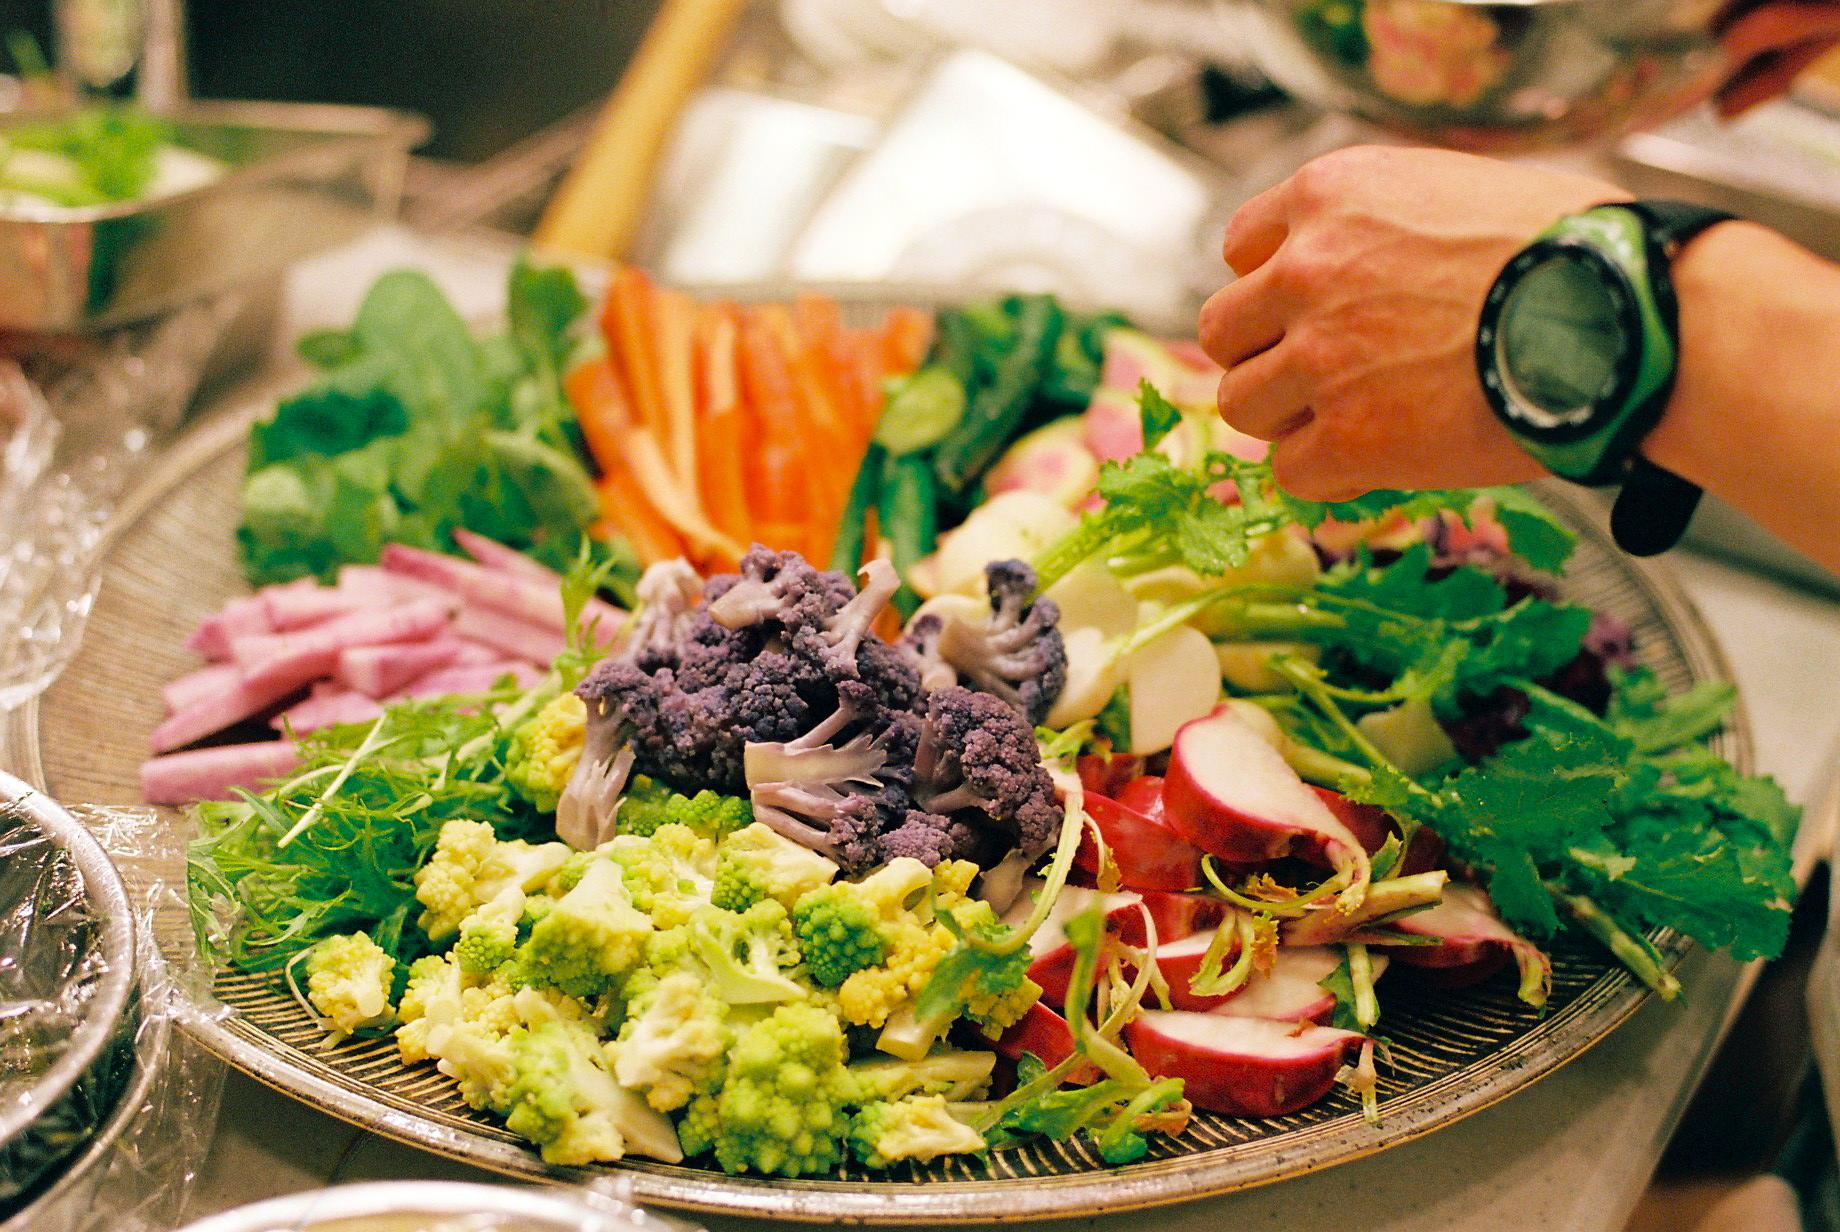 前日に鹿児島で仕入れた野菜とその日の朝に糸島の『伊都  菜彩』で仕入れた新鮮野菜の盛り合わせ。素敵な大皿は、   中里太亀 氏によるもの。